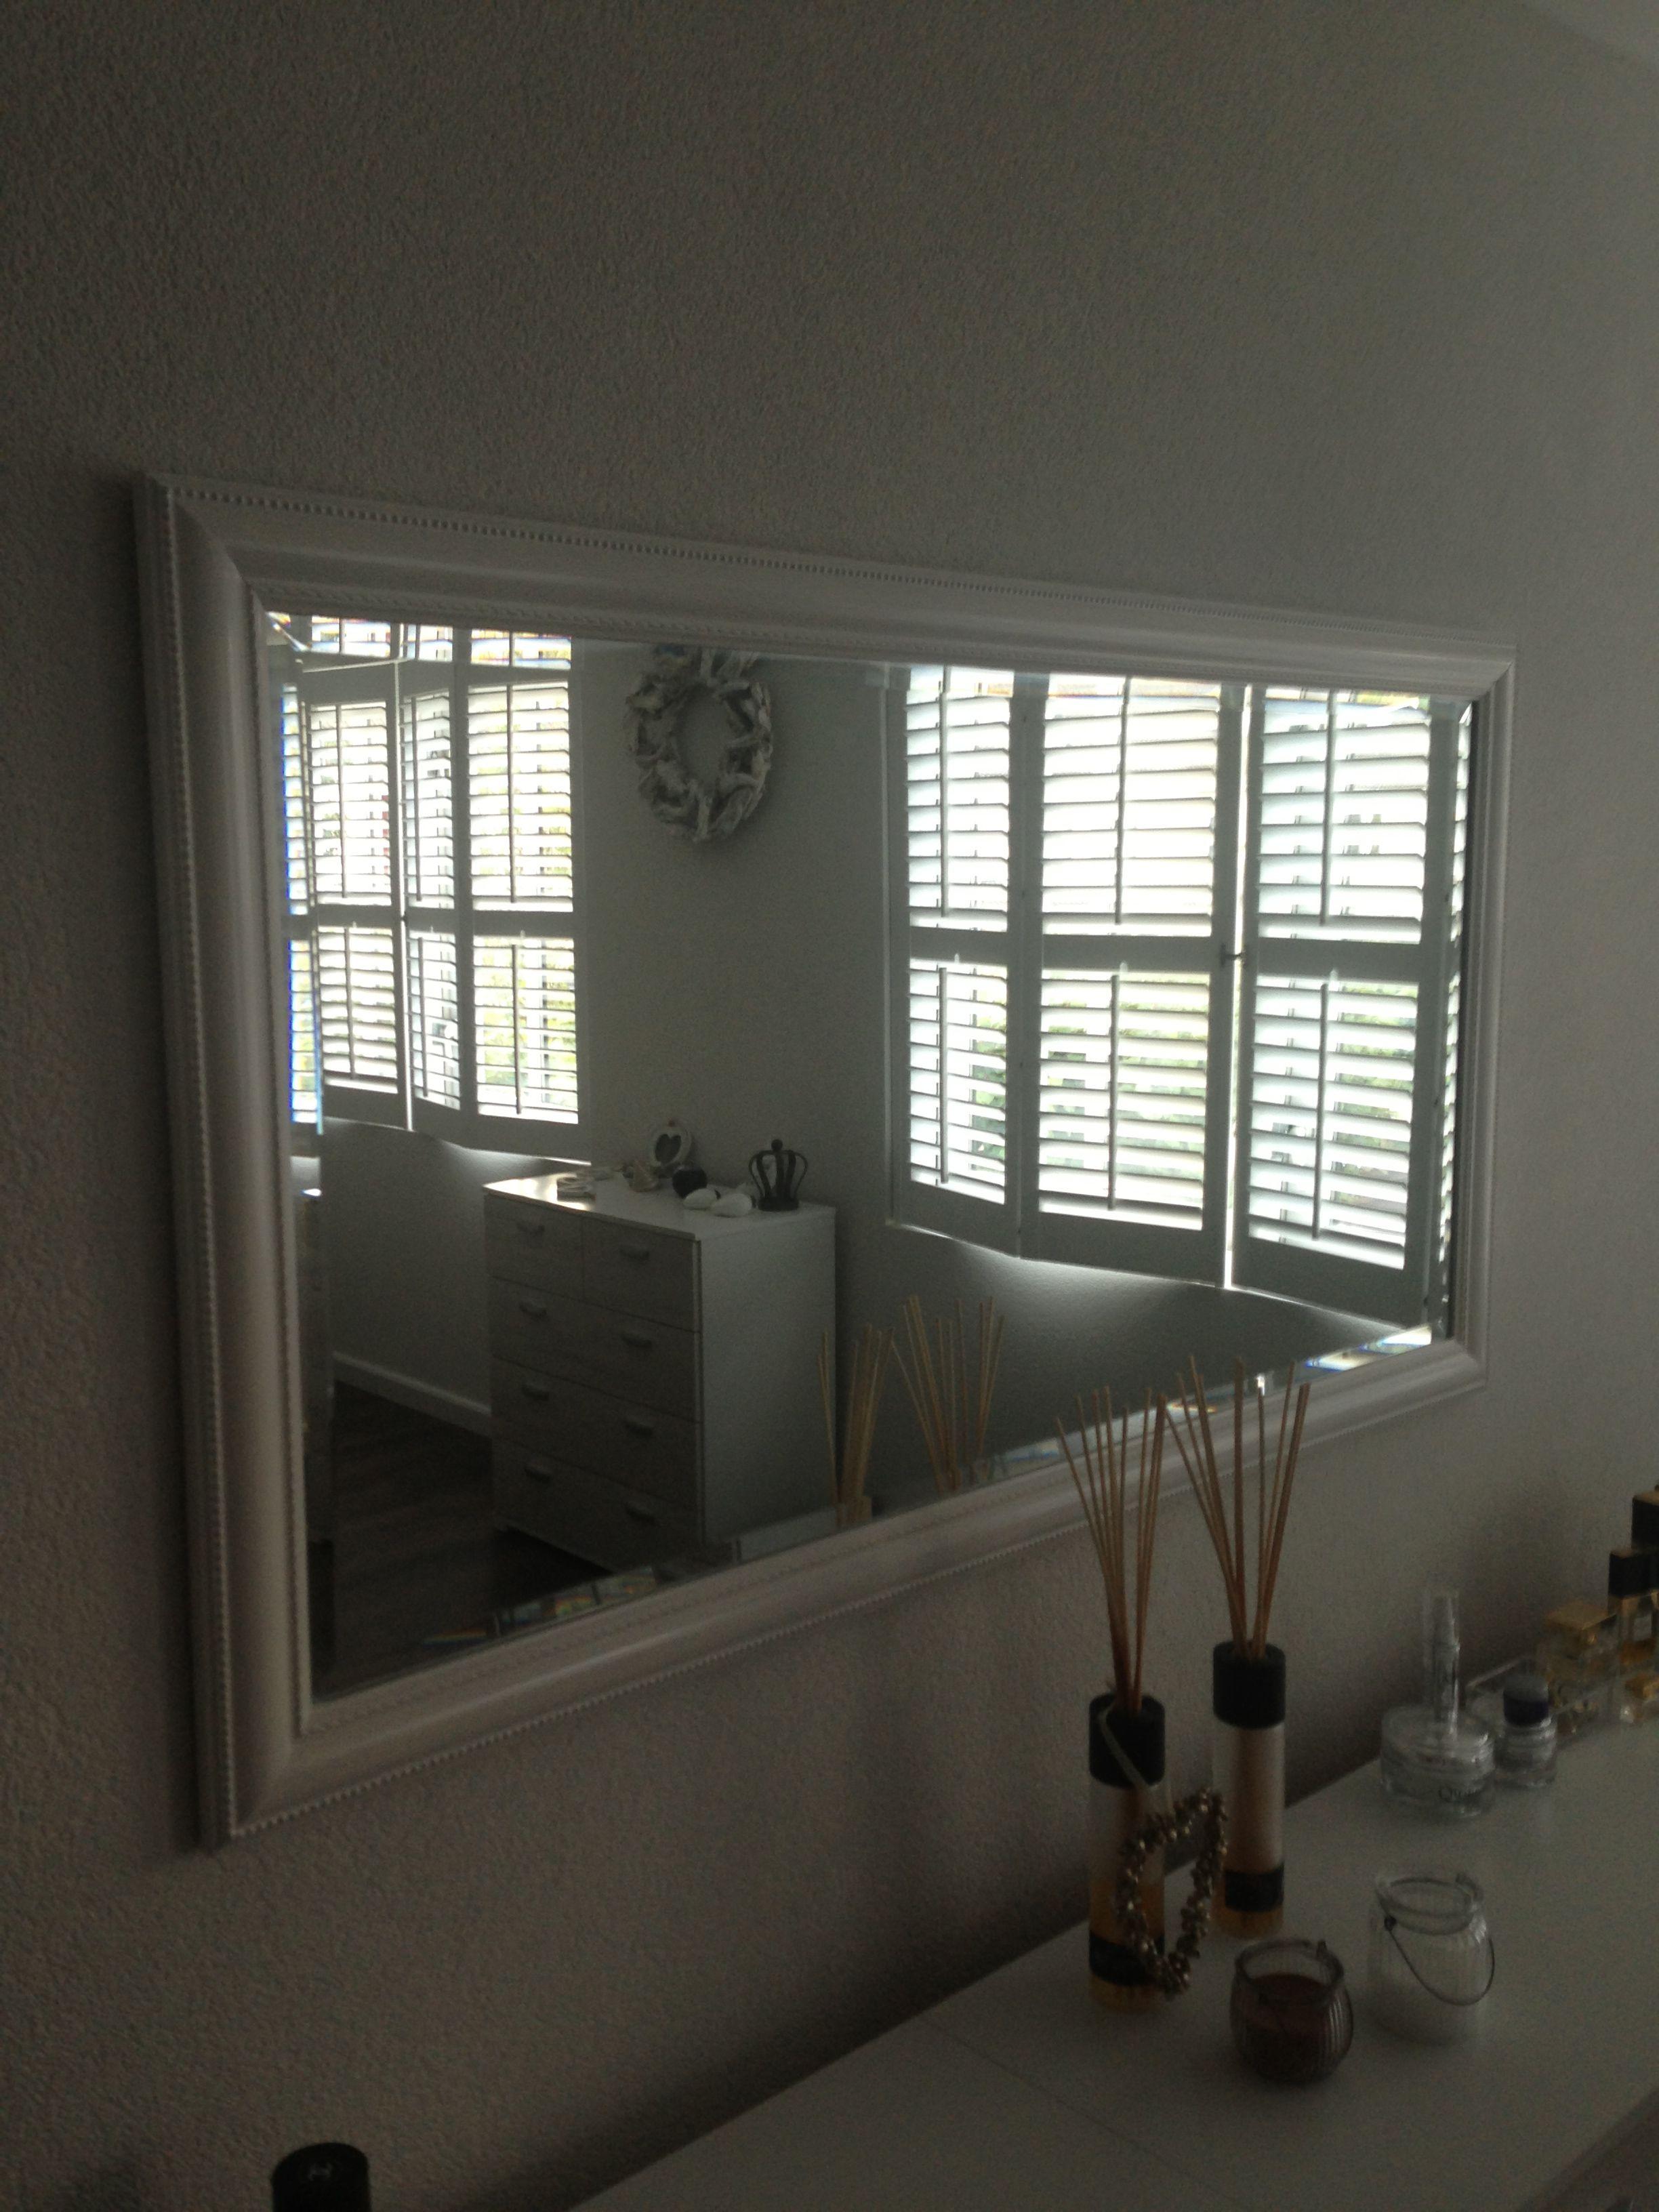 Dressoir met spiegel is een mooie klassieker - Spiegel voor ingang ...